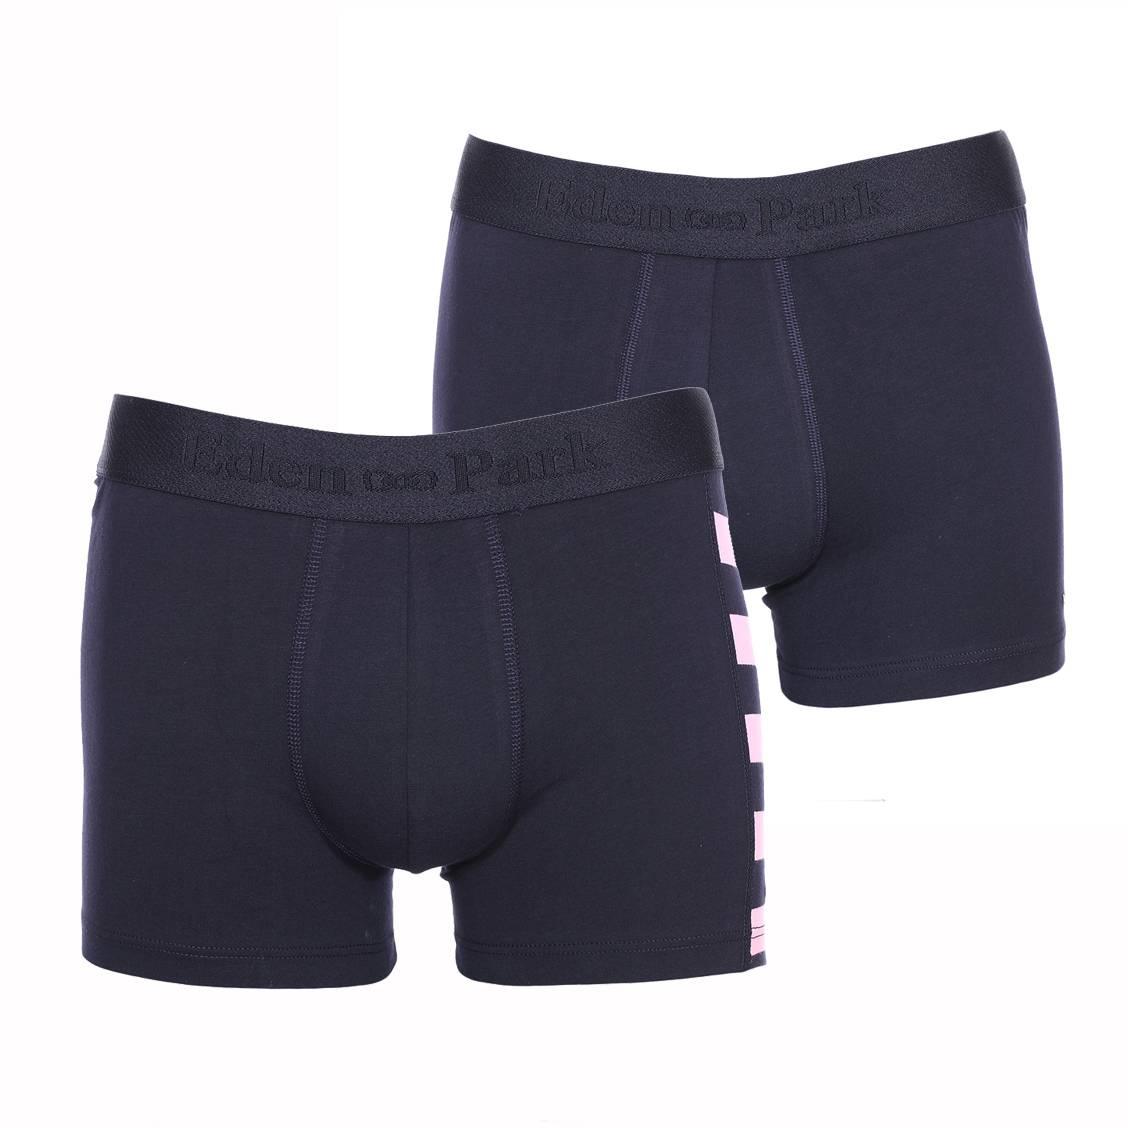 Lot de 2 boxers longs  en coton stretch bleu marine et bleu marine à rayures roses